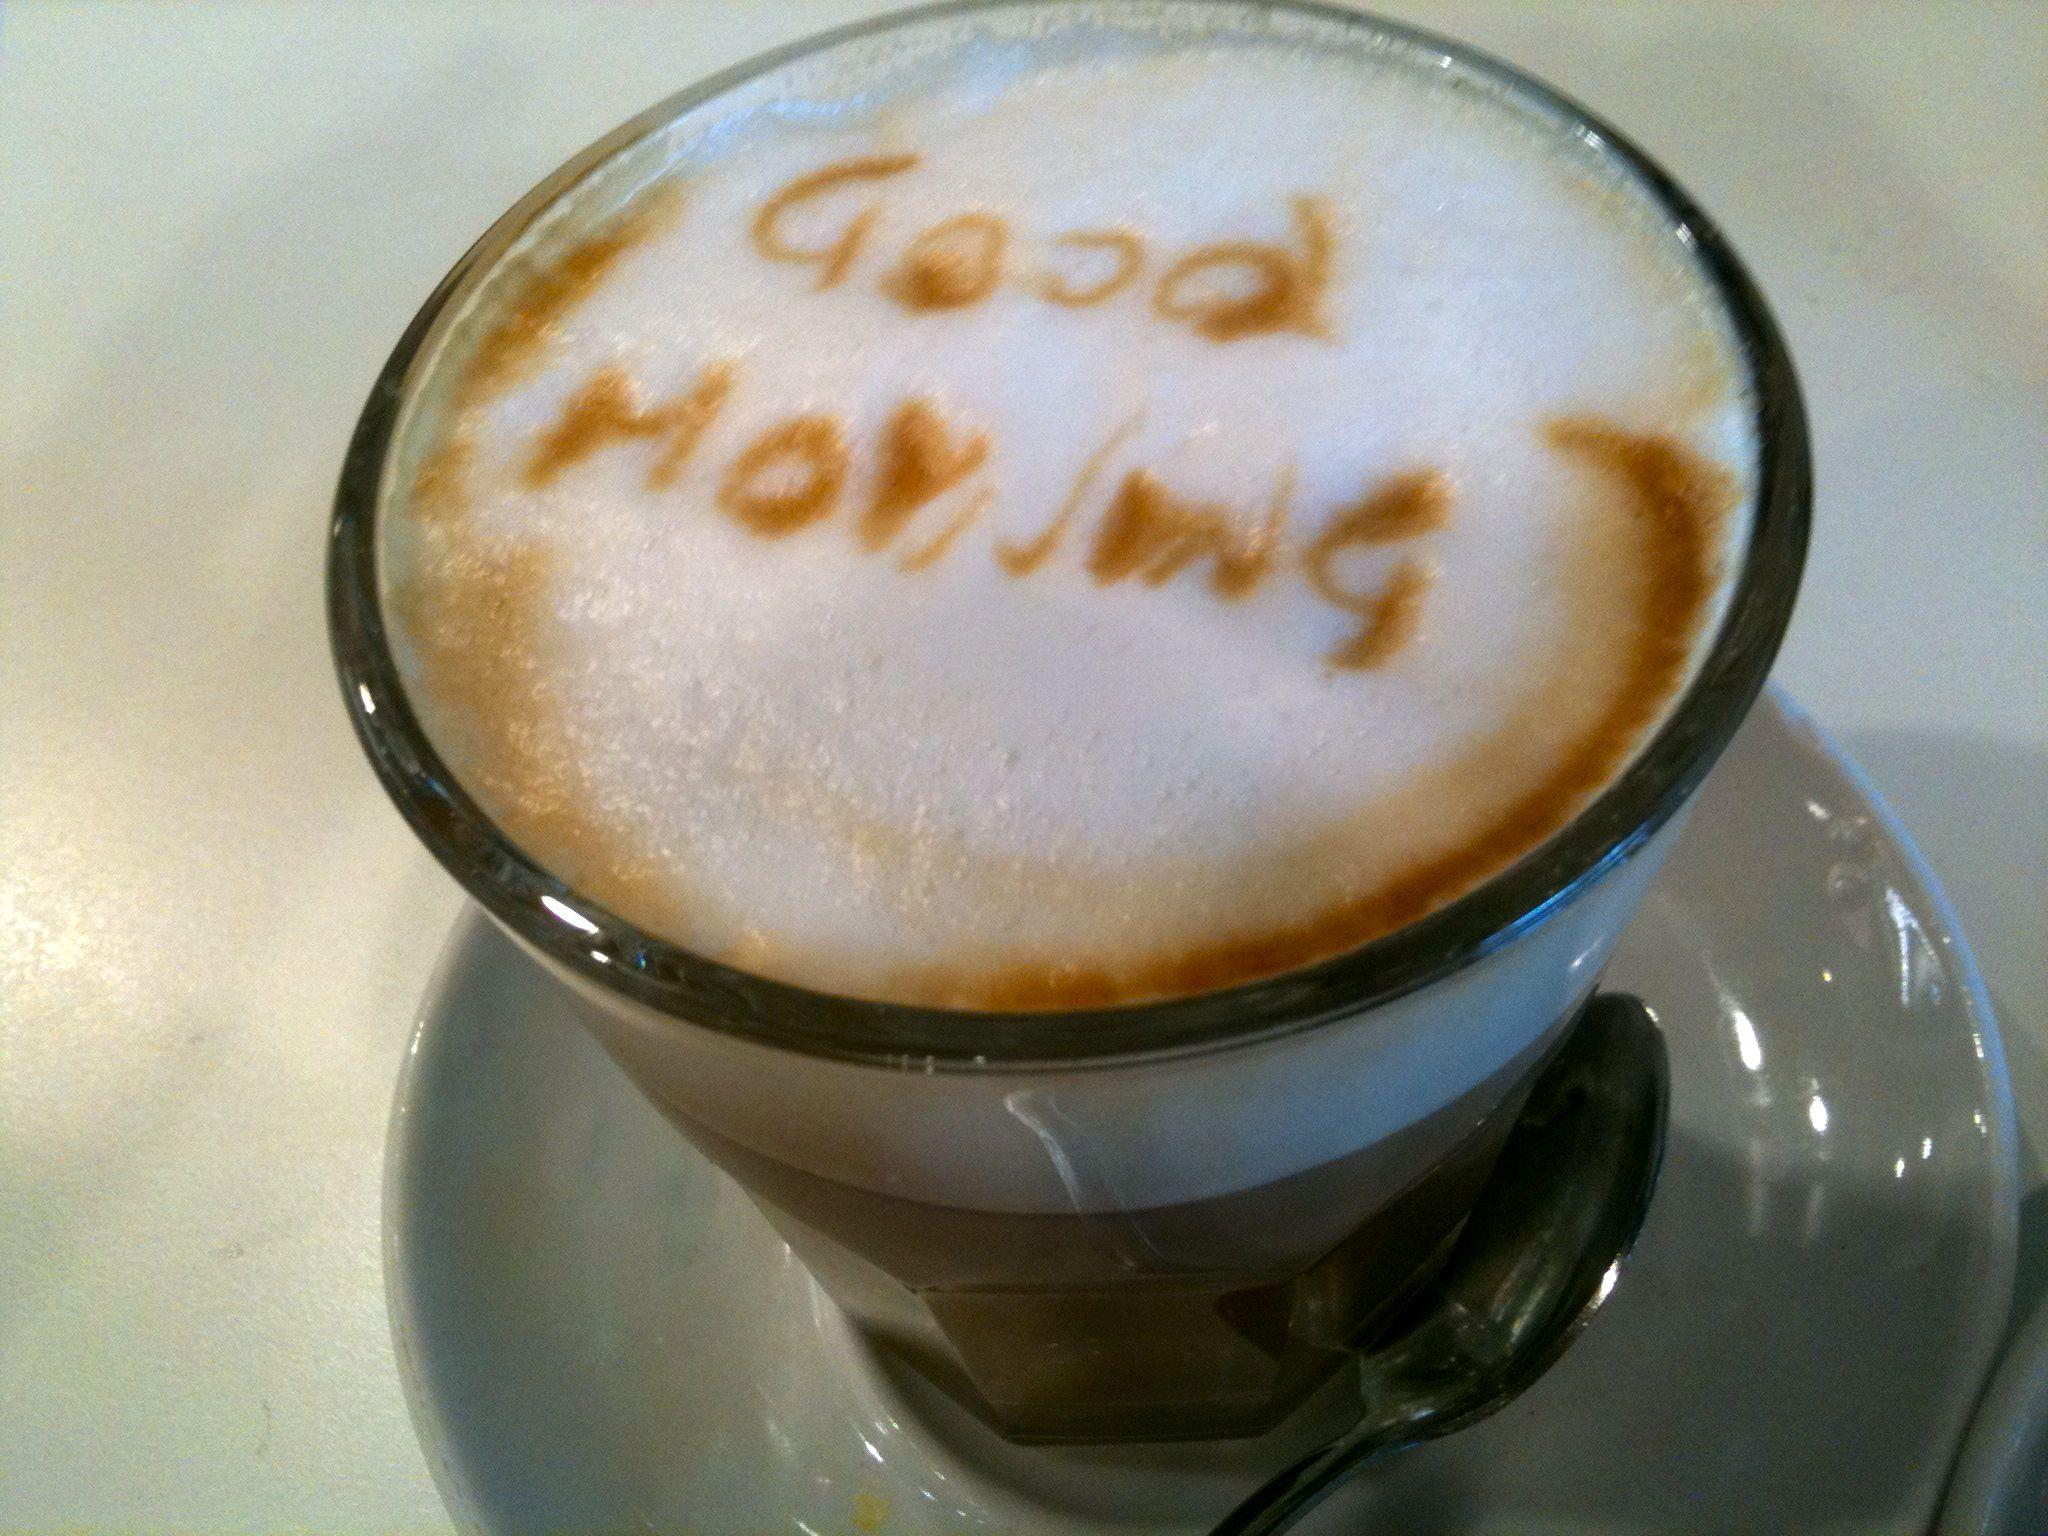 Good Morning Honey Artinya : Good morning honey up north